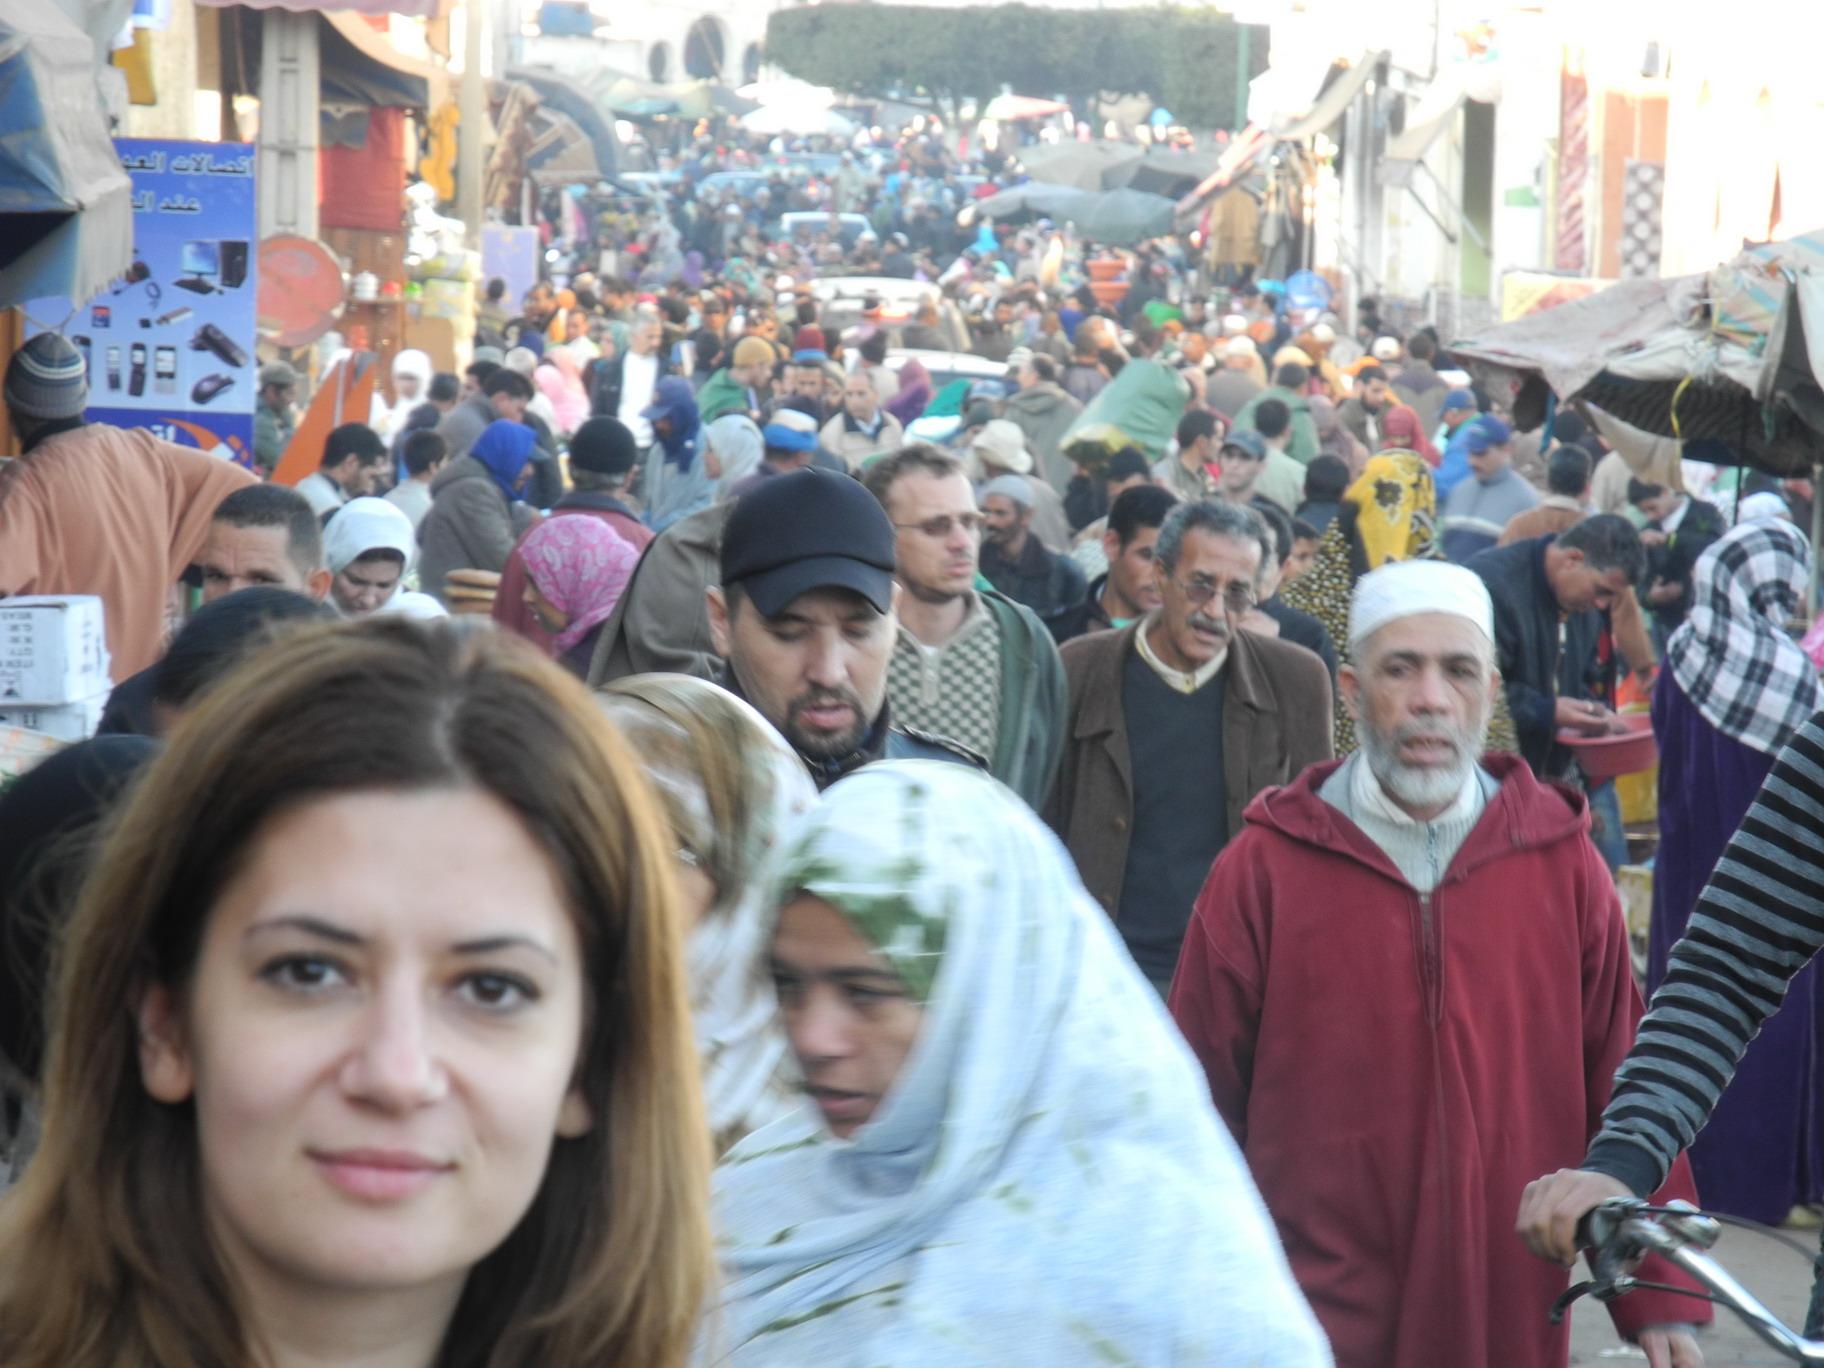 Cât de ciudat e, de fapt, Marocul?